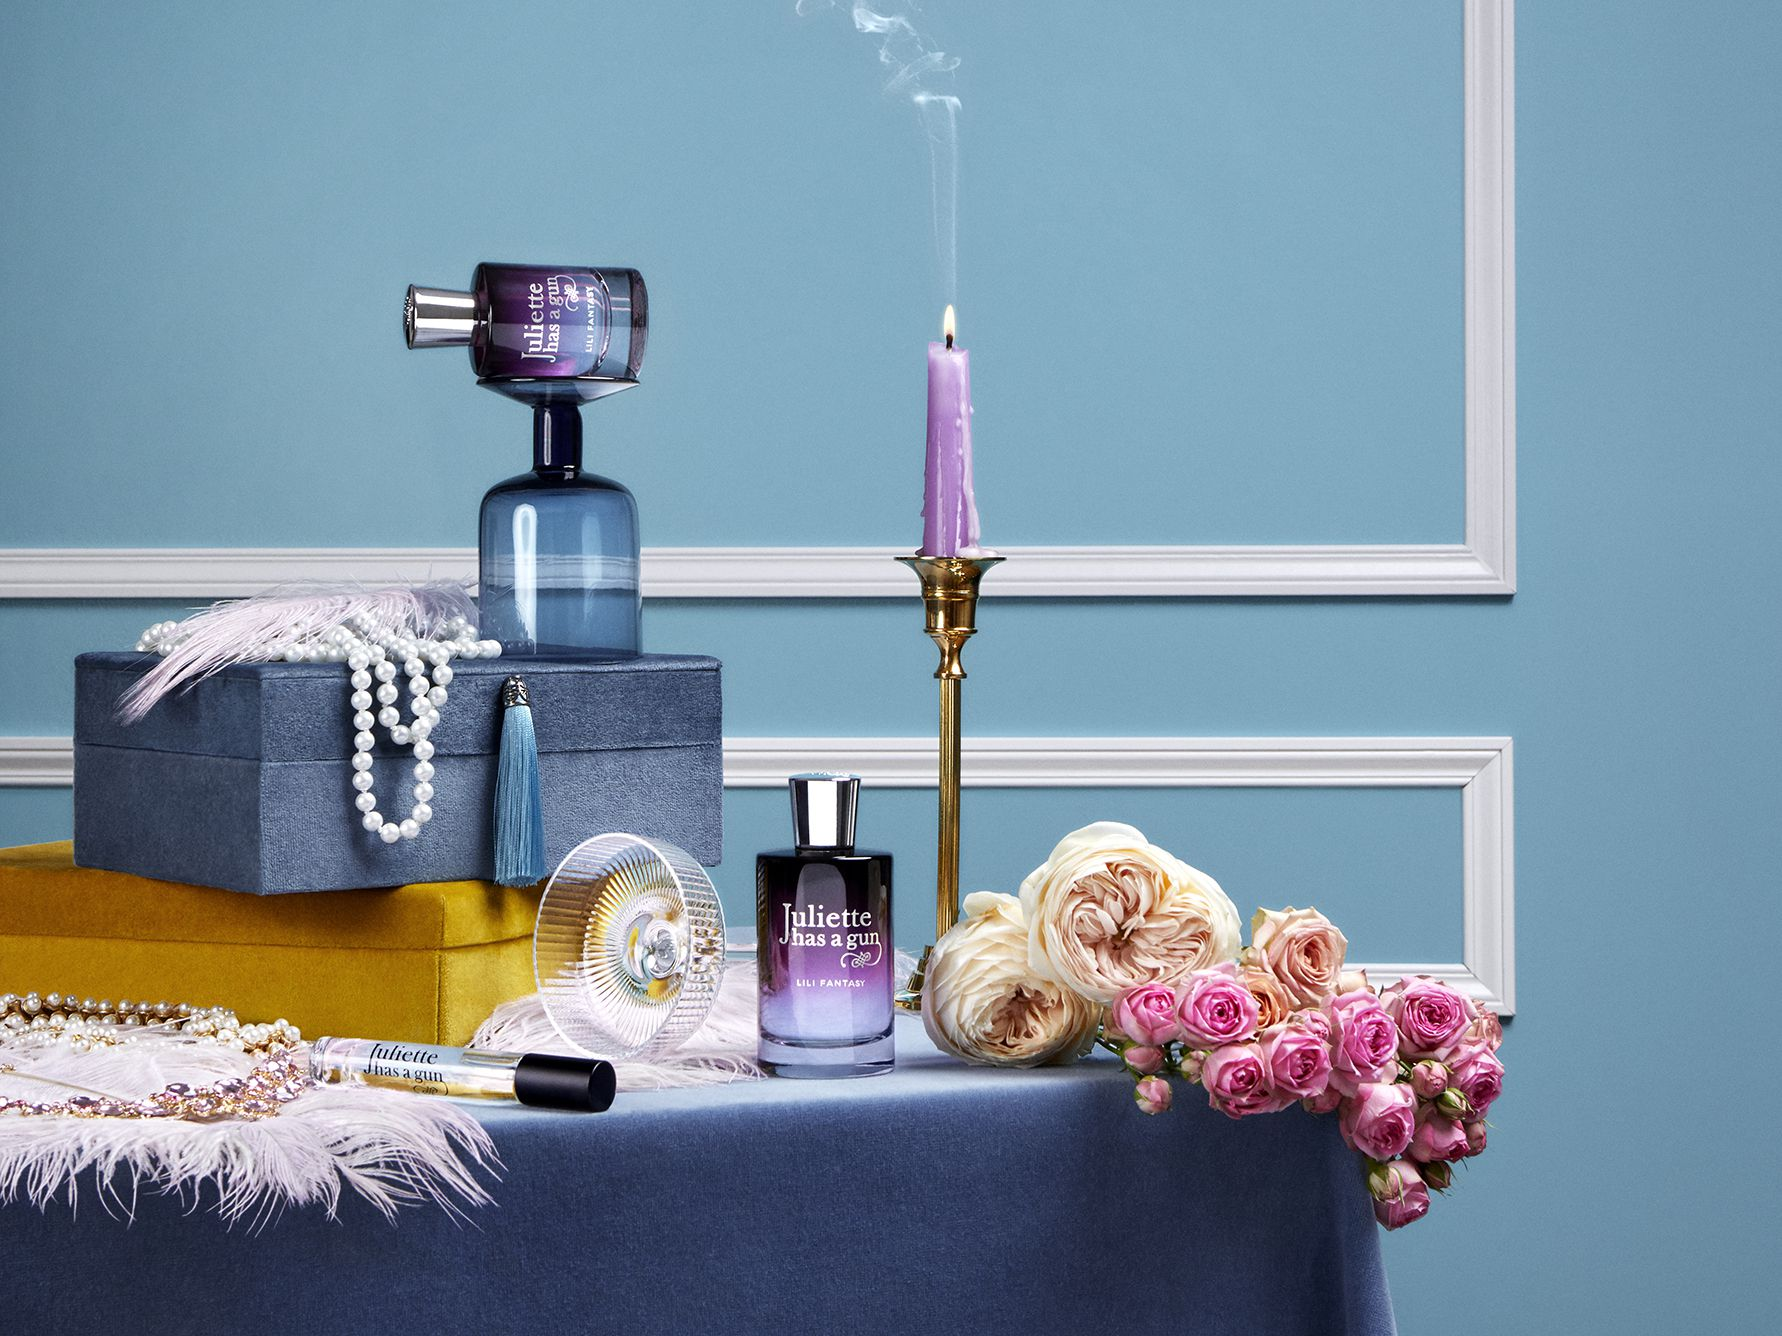 Mirisni kreator parfema Juliette Has a Gun predstavio novi miris koji ne prolazi nezamijećeno